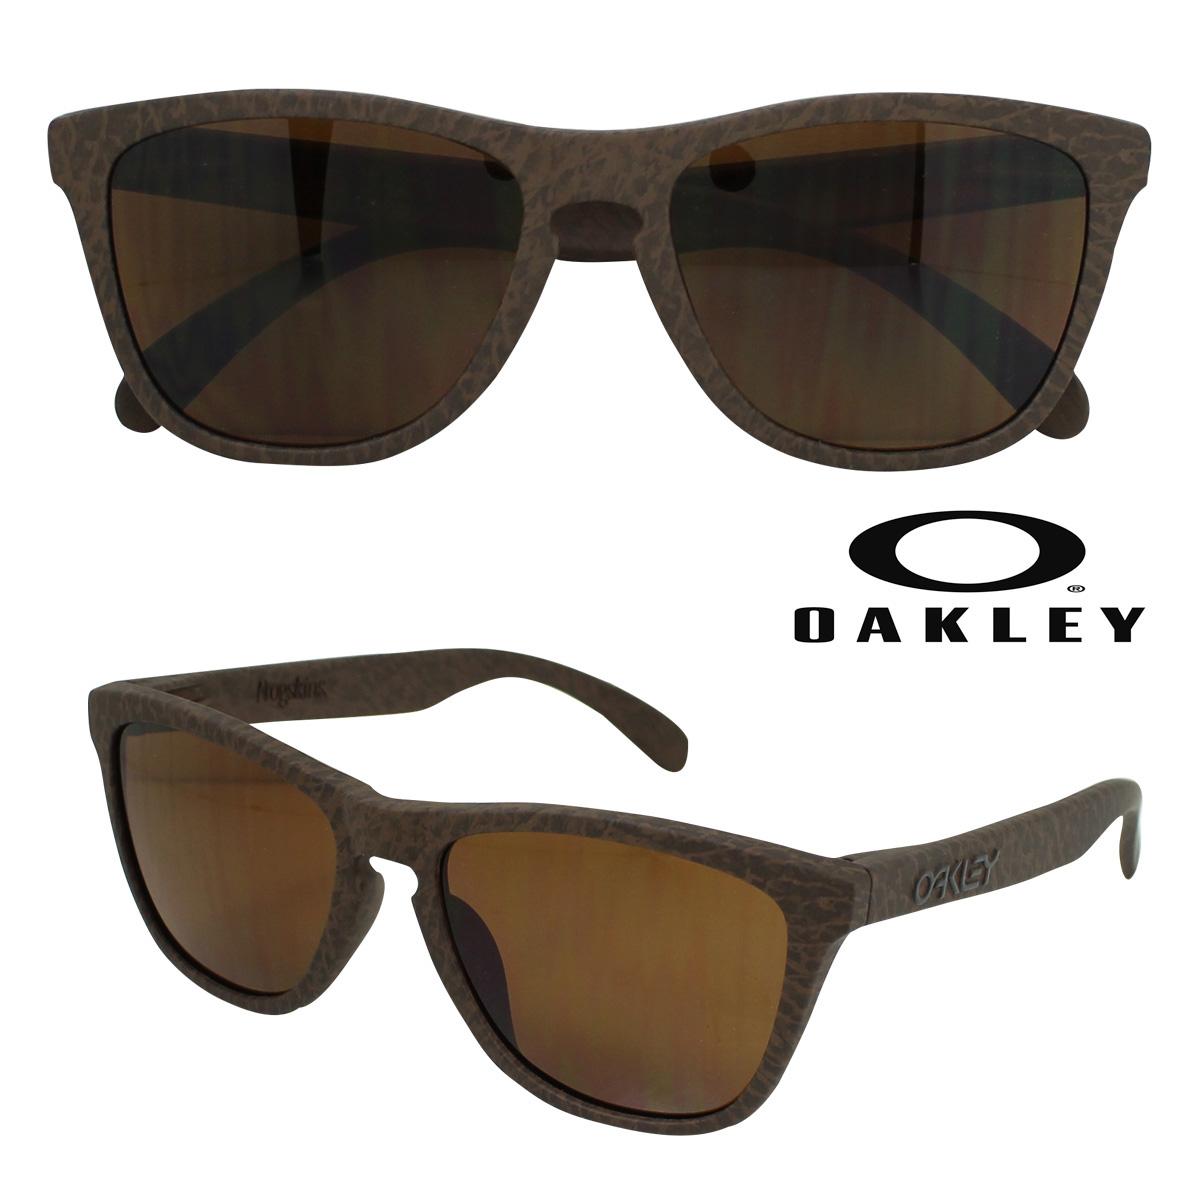 オークリー Oakley サングラス Frogskins Asian Fit フロッグスキン アジアンフィット OO9245-29 タバコ ダーク ブロンズ メンズ レディース